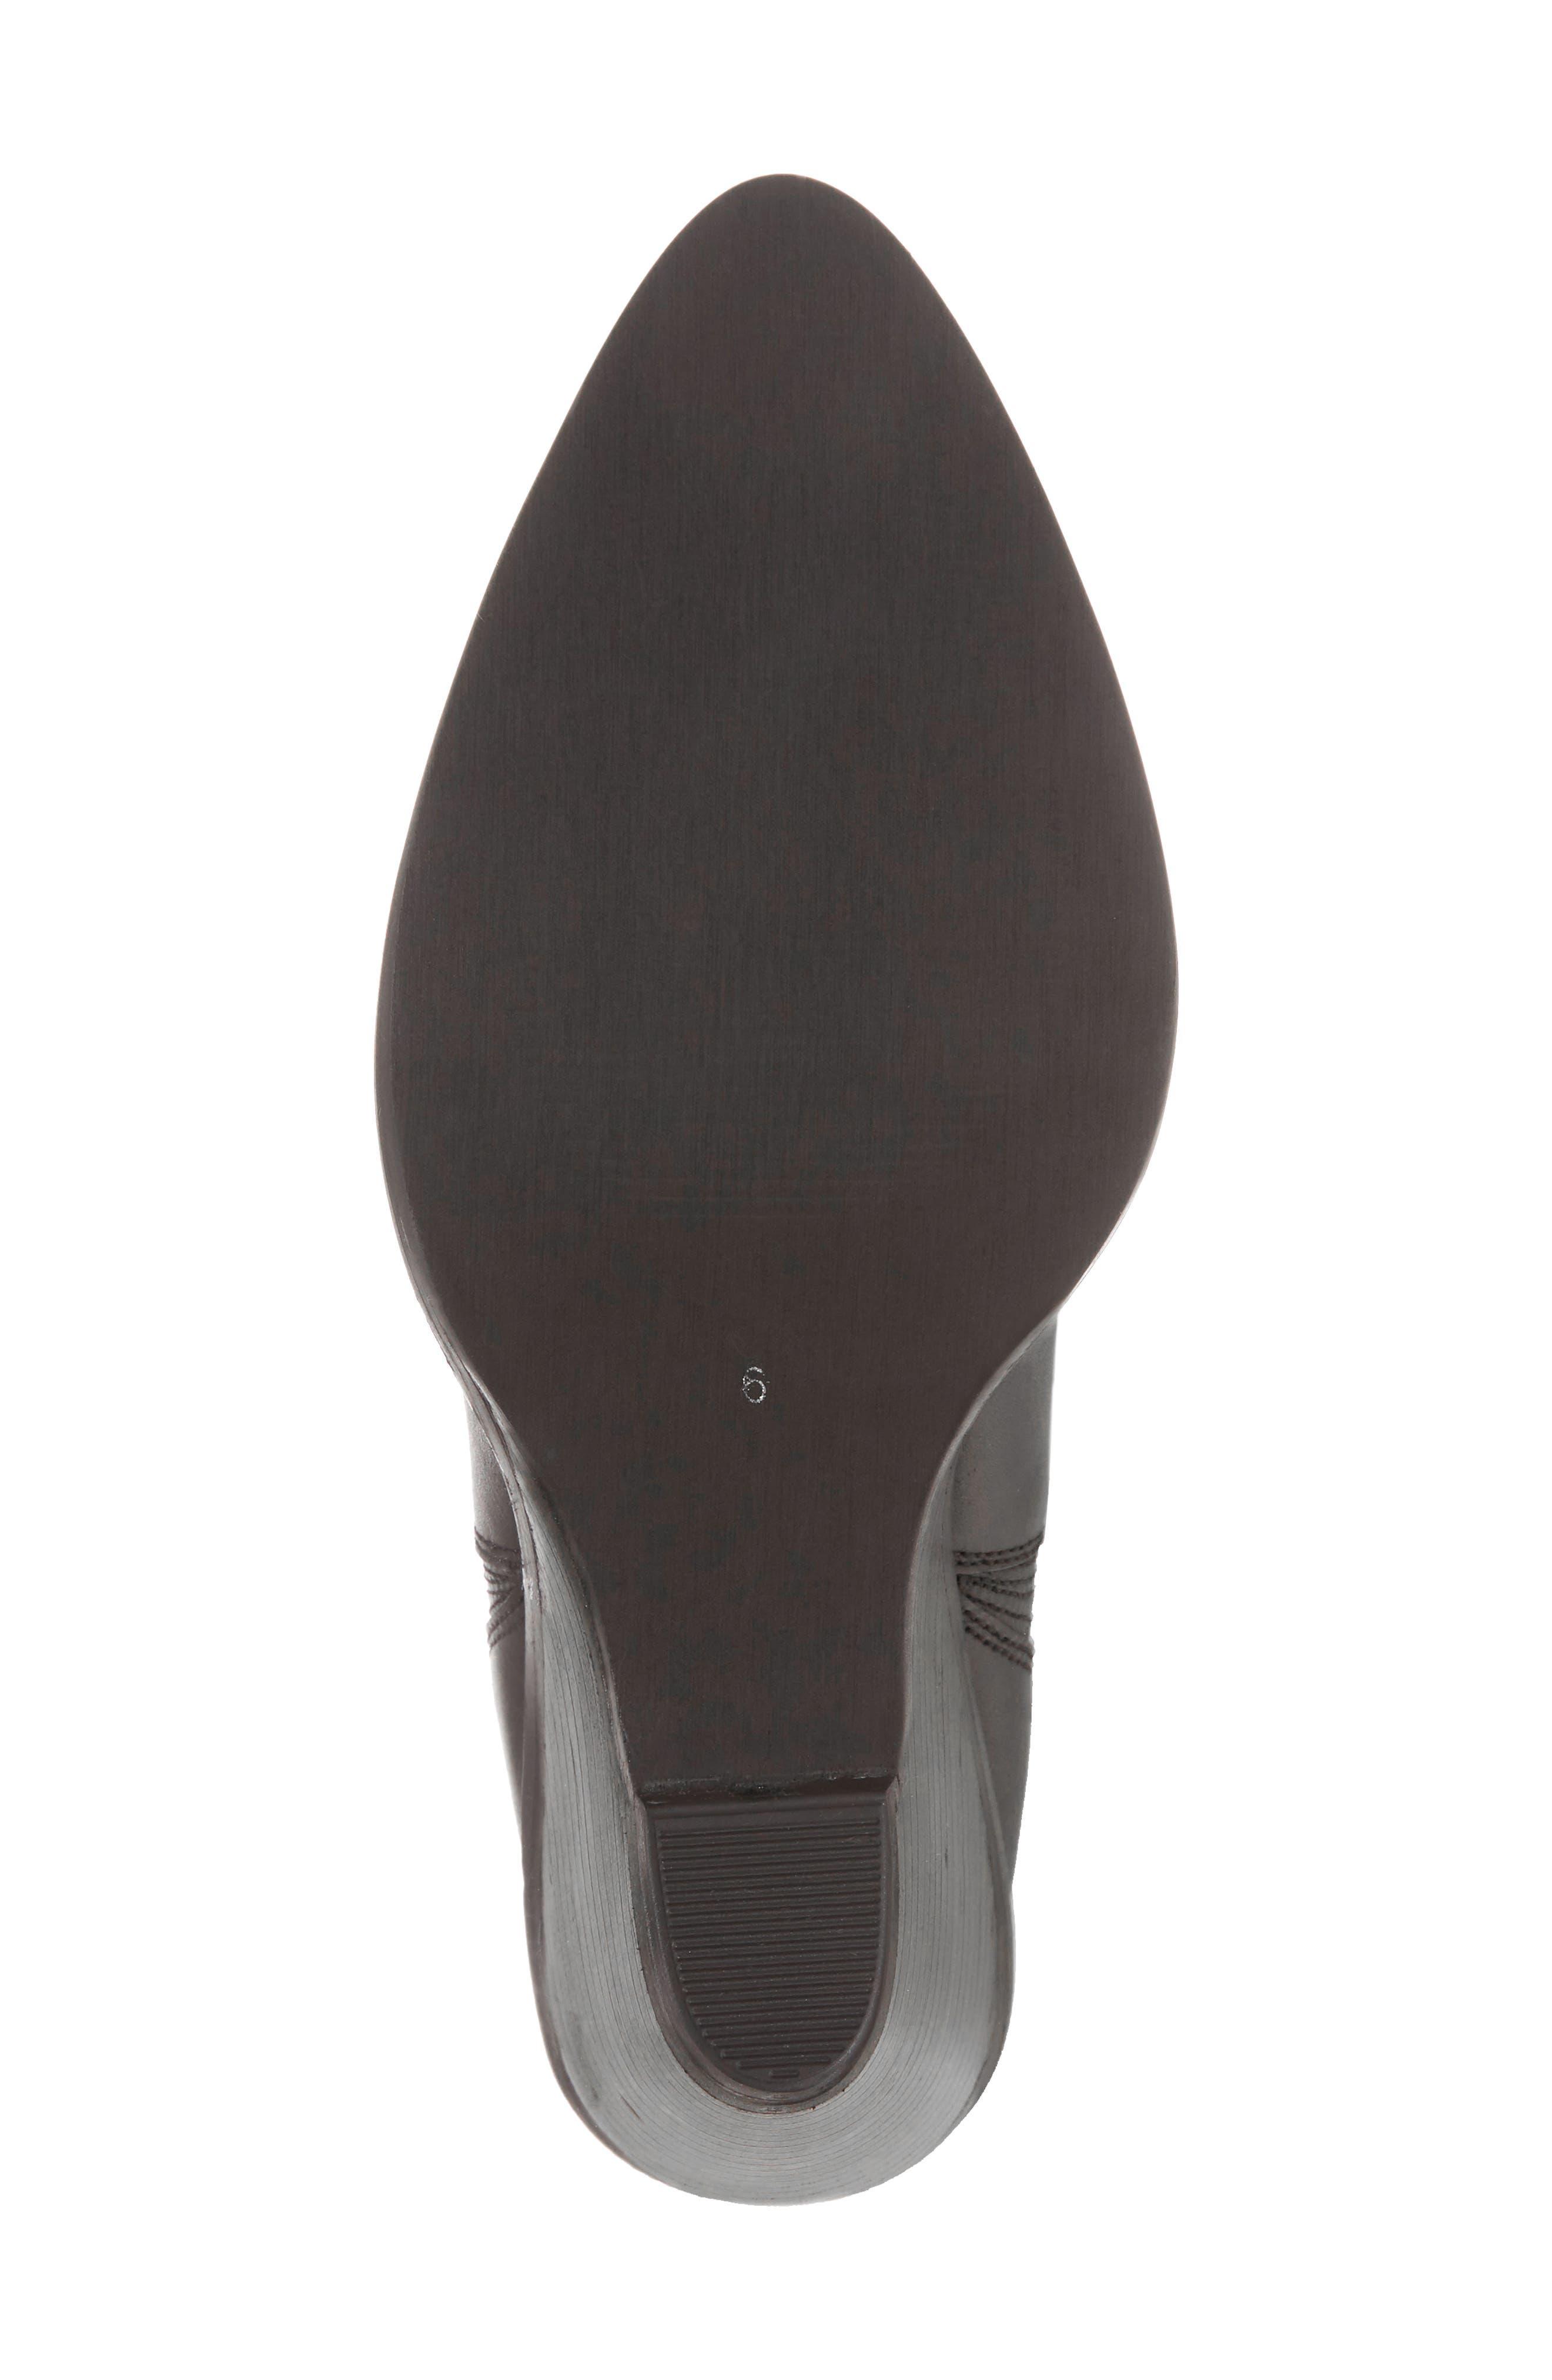 Park Demi Wedge Bootie,                             Alternate thumbnail 6, color,                             Black Leather